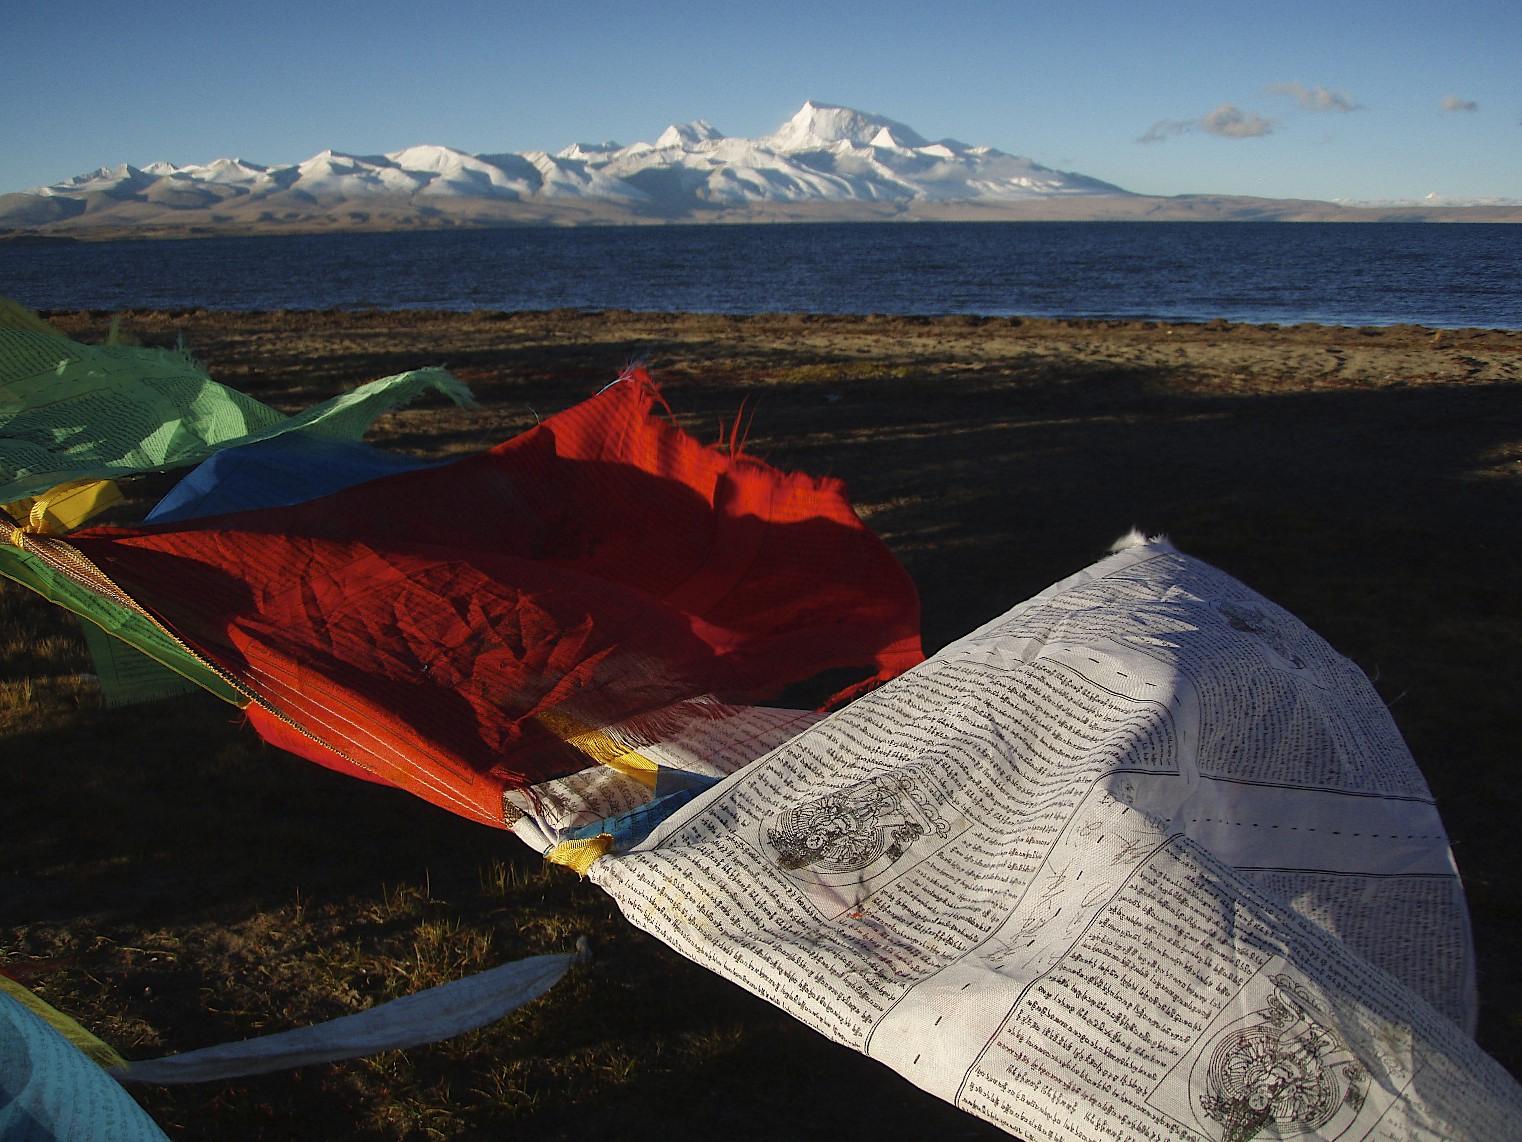 Lake Manasarovar and Mt. Gurla Mandata